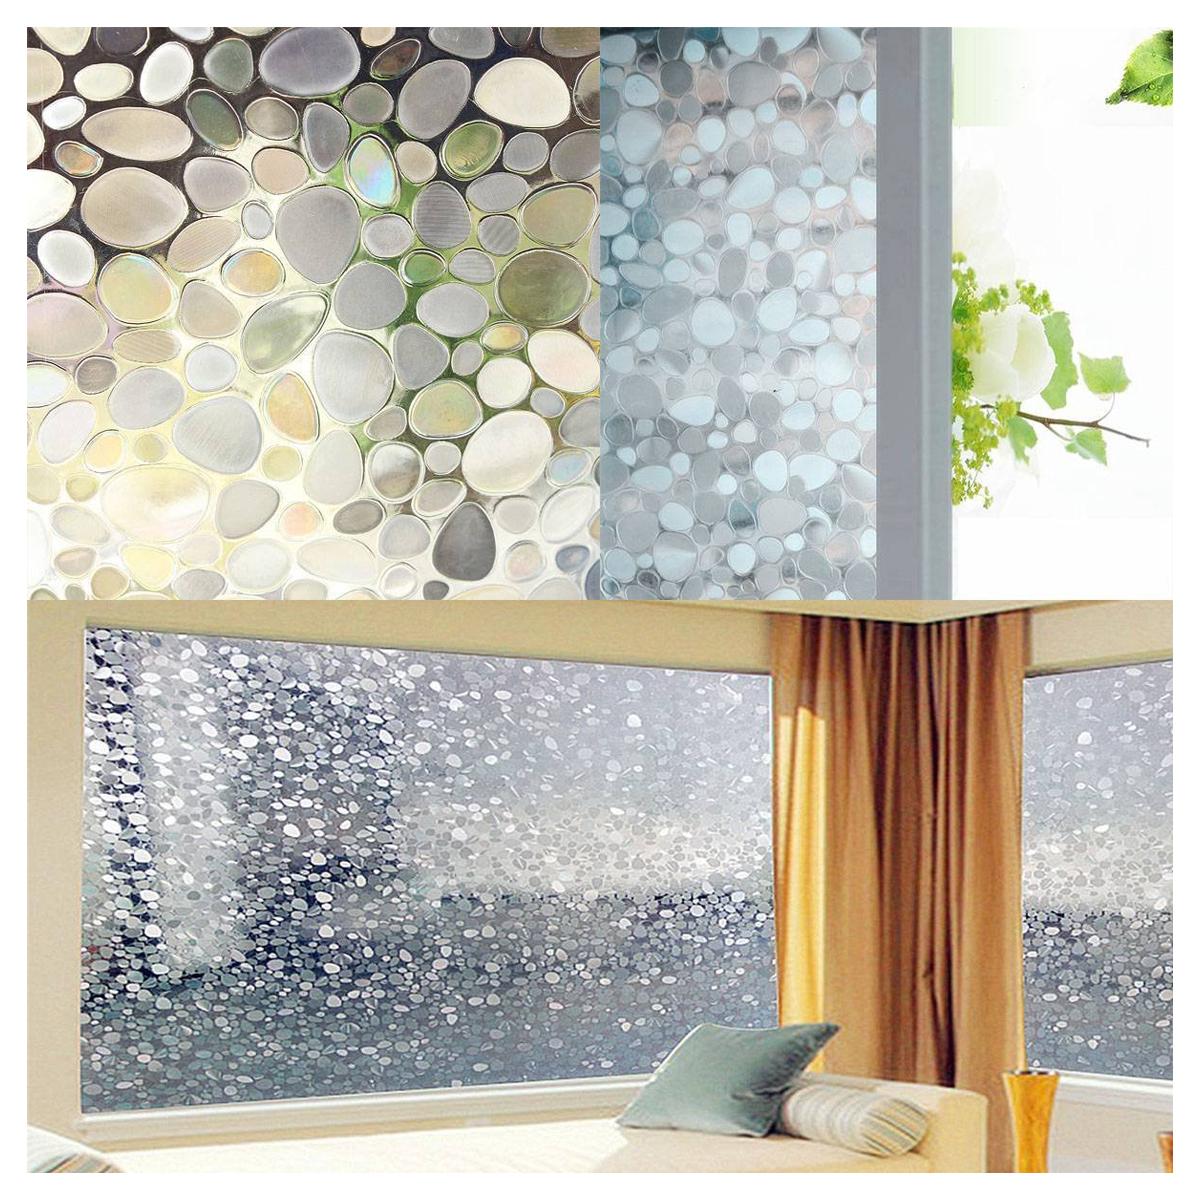 100cm kieselsteine sichtschutzfolie milchglasfolie fenster. Black Bedroom Furniture Sets. Home Design Ideas